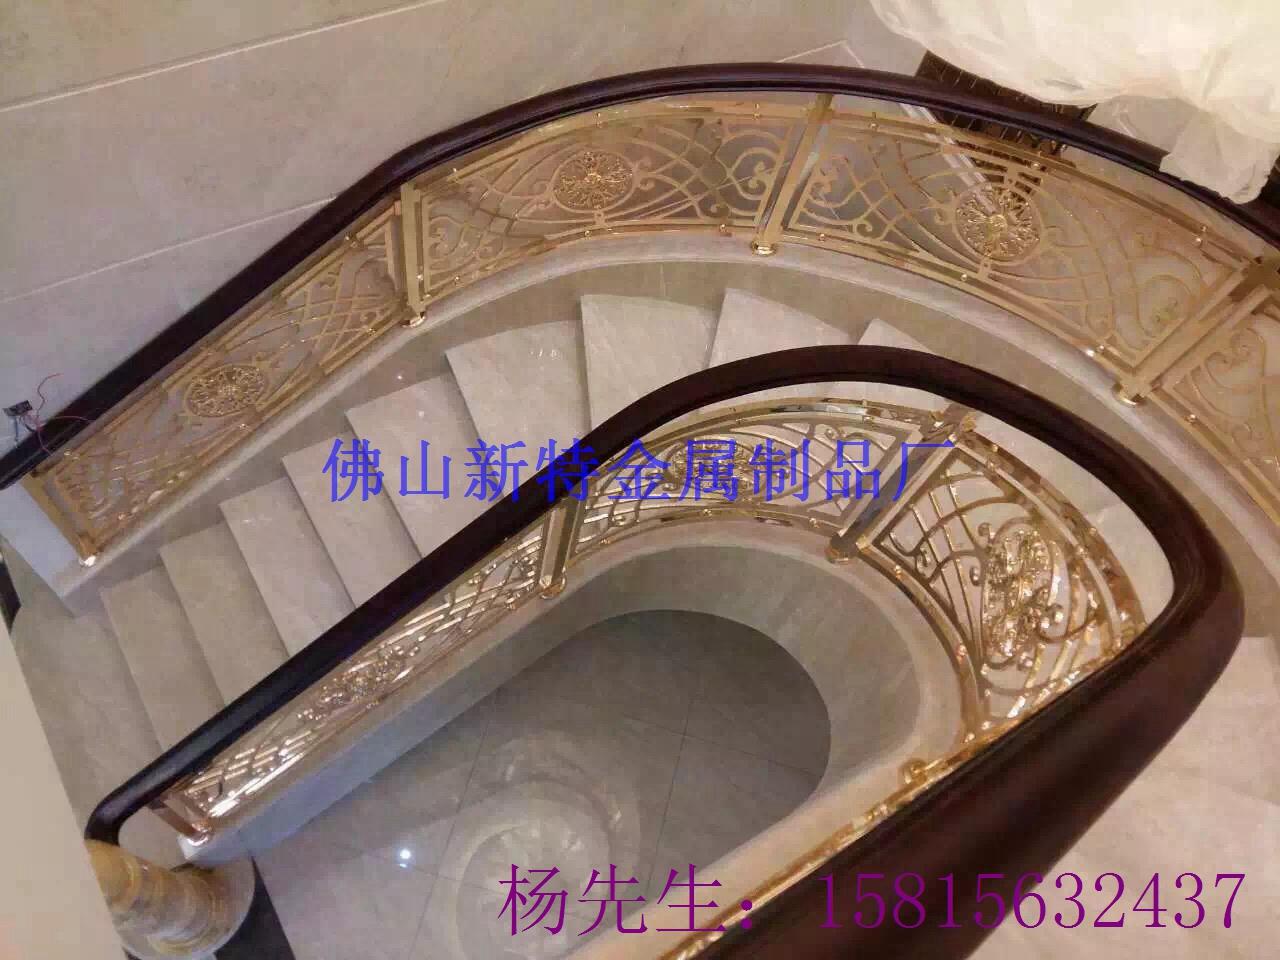 多元化风格铜艺楼梯护栏 别墅仿古艺术楼梯扶手